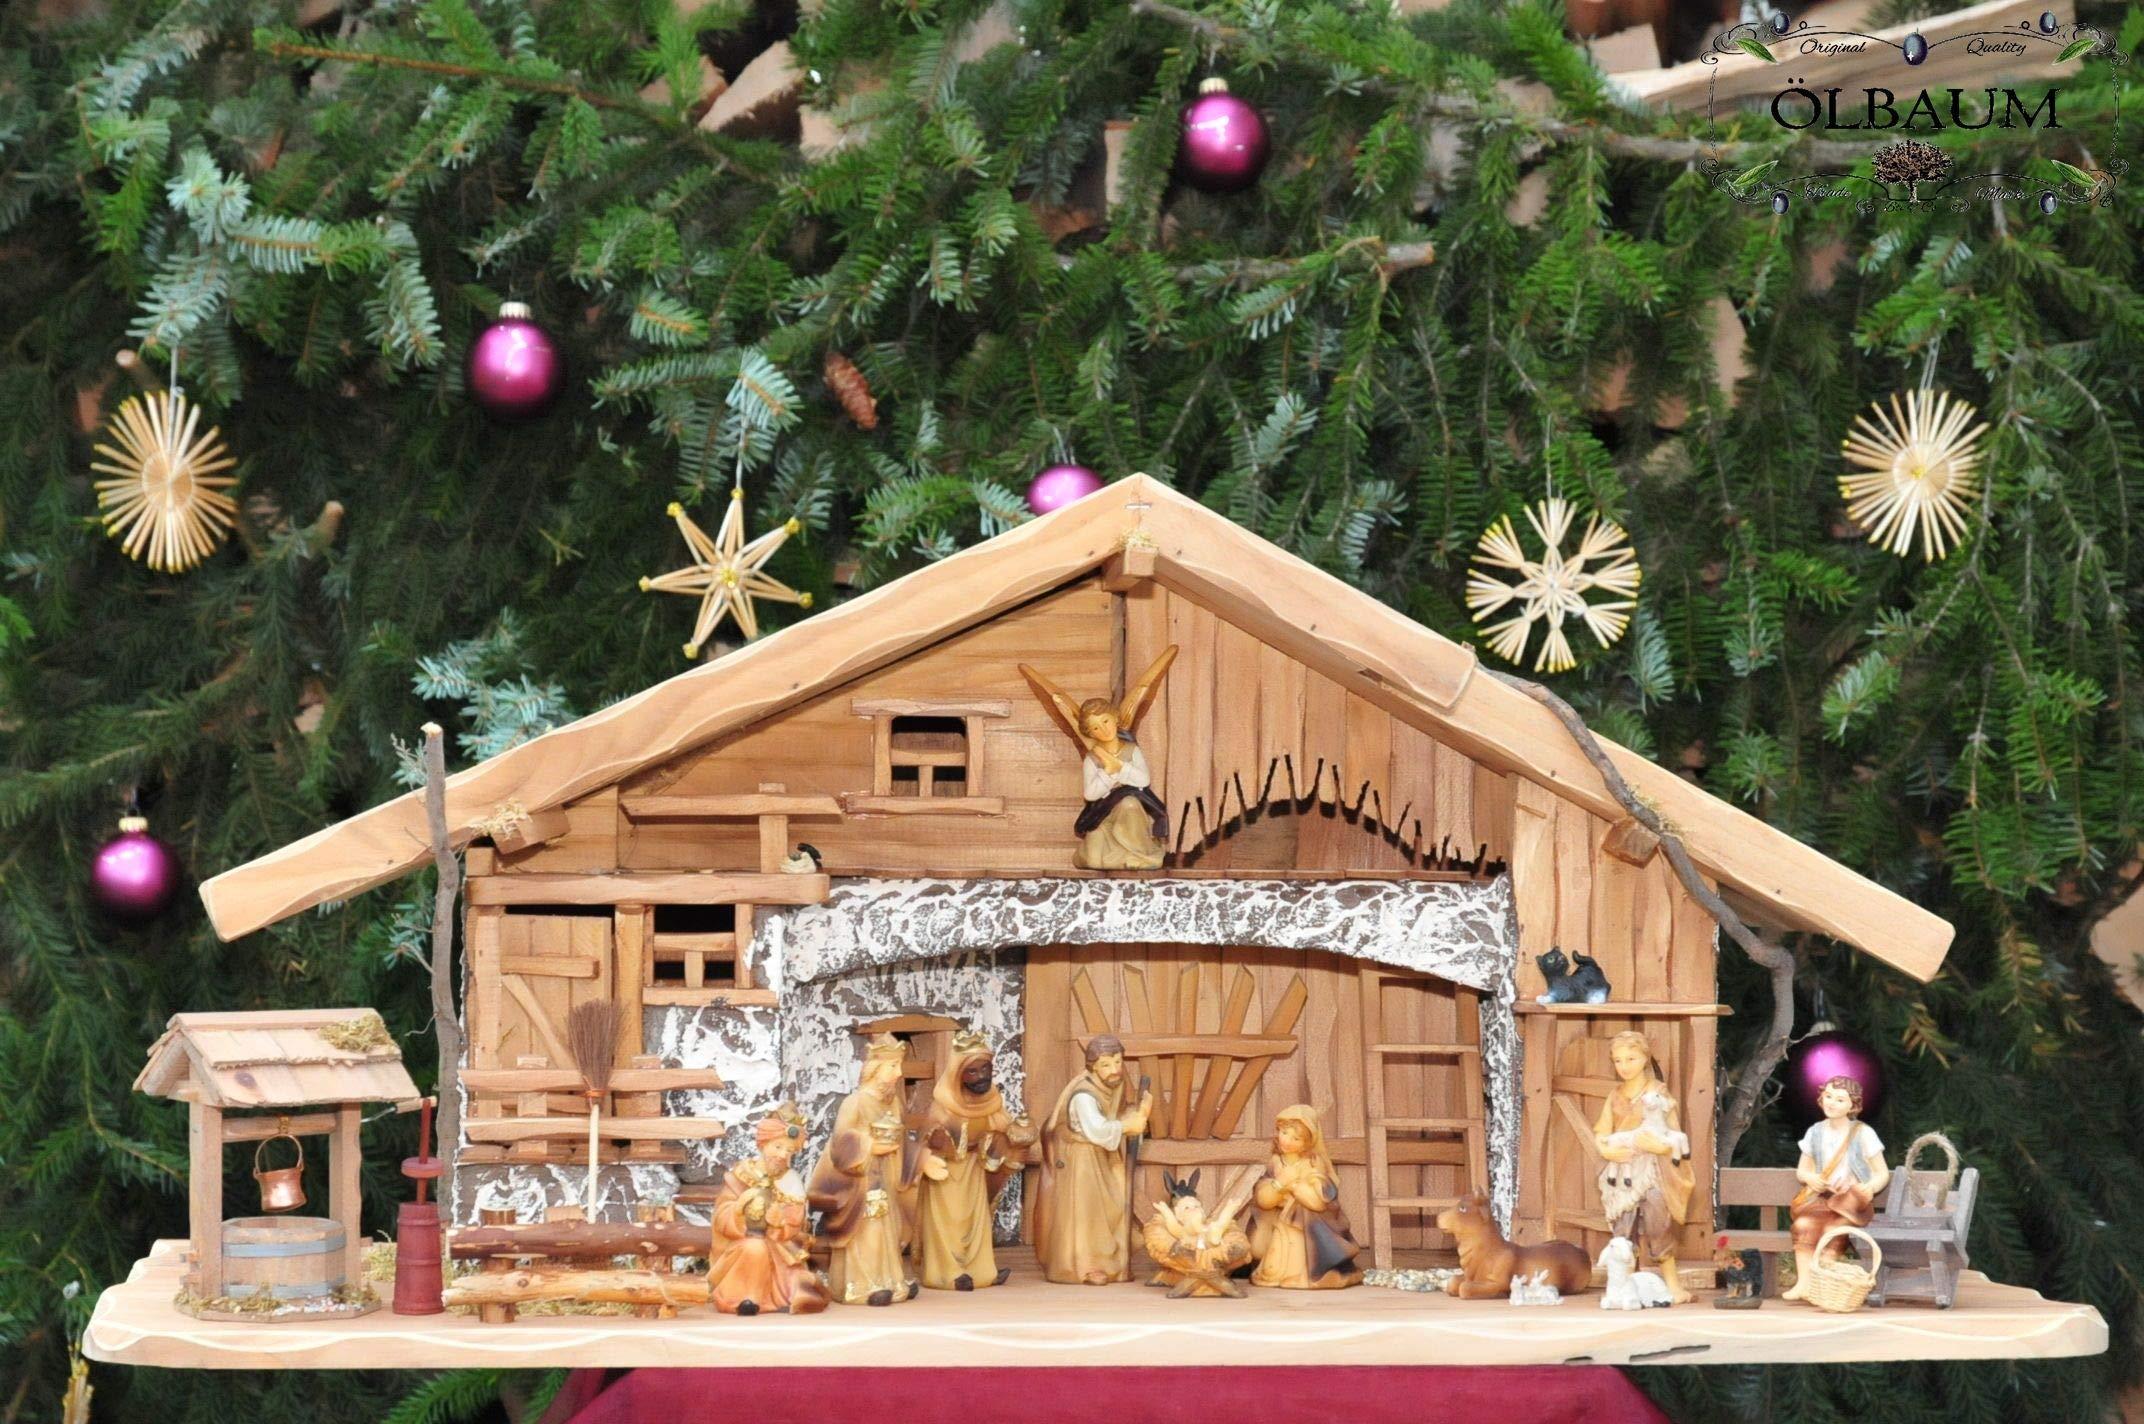 Figuras de nacimiento con pozo KFKHO-ALP Belén, de calidad, barnizada en marrón Holzfiguren-Stil, max, 9-10cm grande, con figuras decorativas, diseño y ejecución: Belén de Navidad historia Maria José Reyes Magos de Oriente: